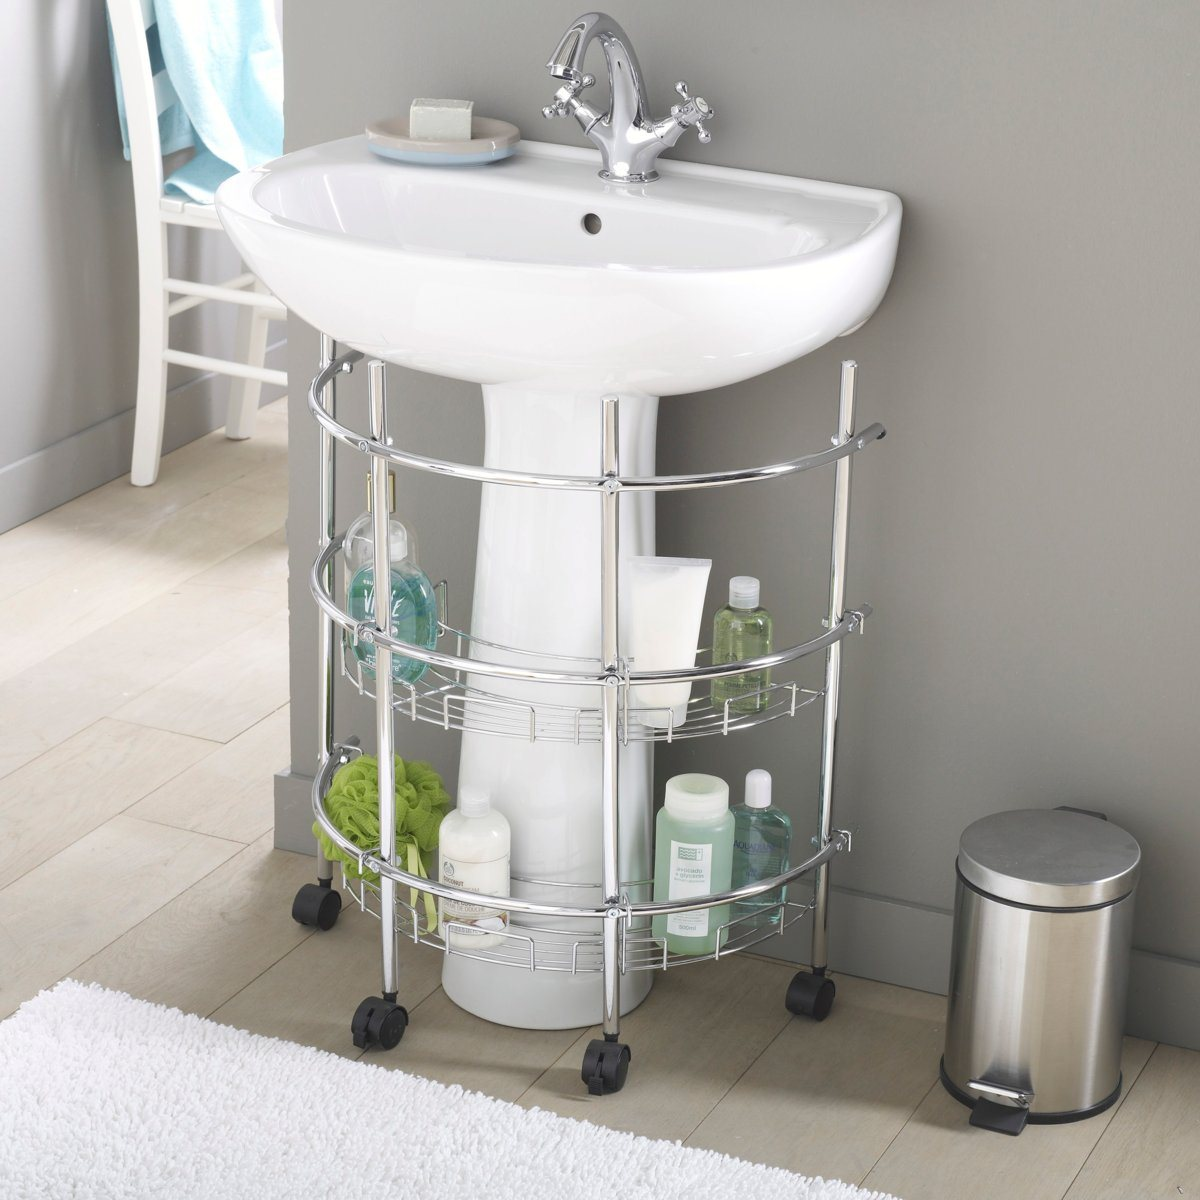 Optimiser une petite salle de bains 8 astuces indispensables for Meuble avec lavabo pour salle de bain